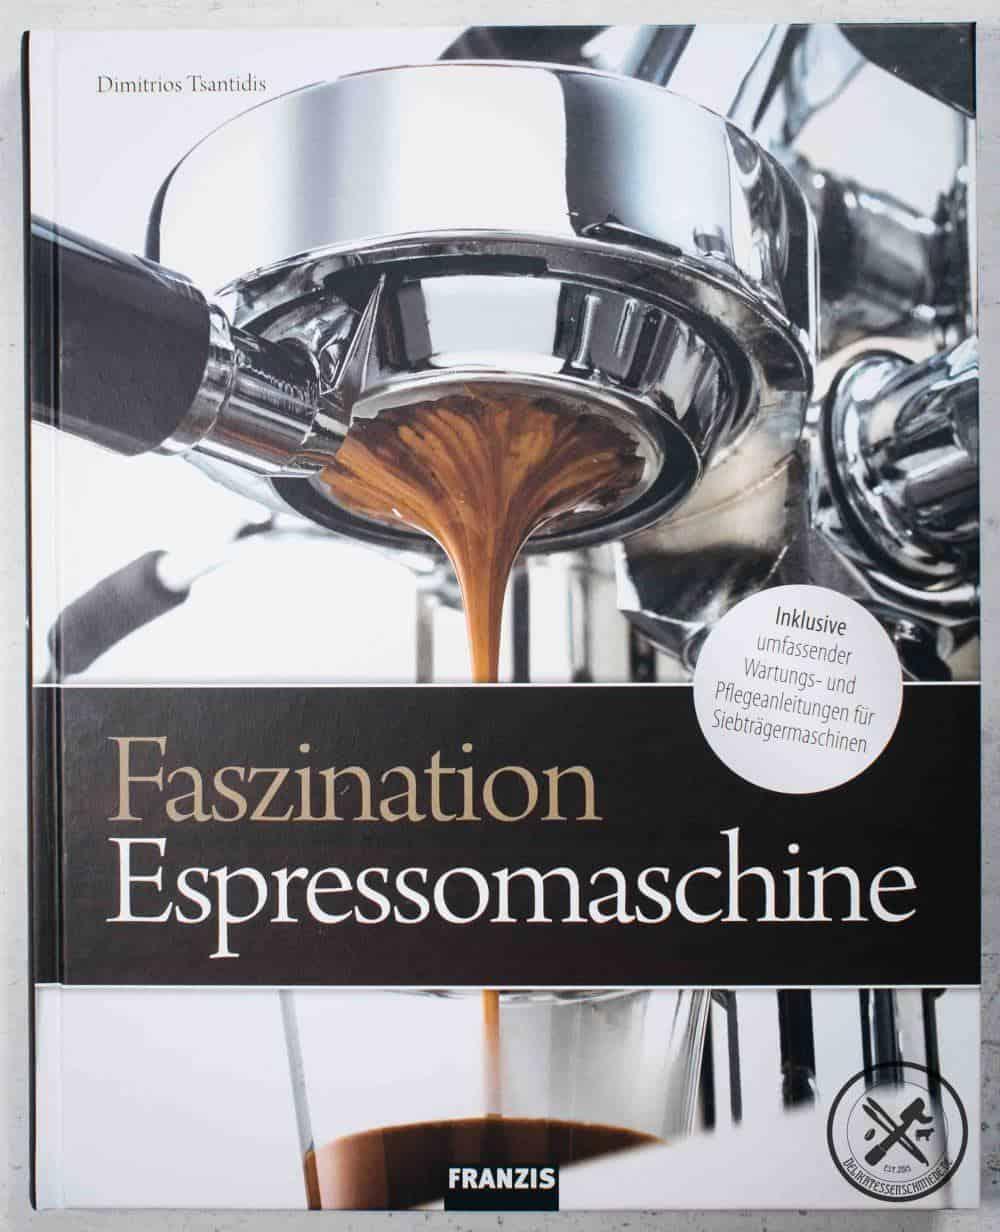 Faszination-Espressomaschine-Buch_Front